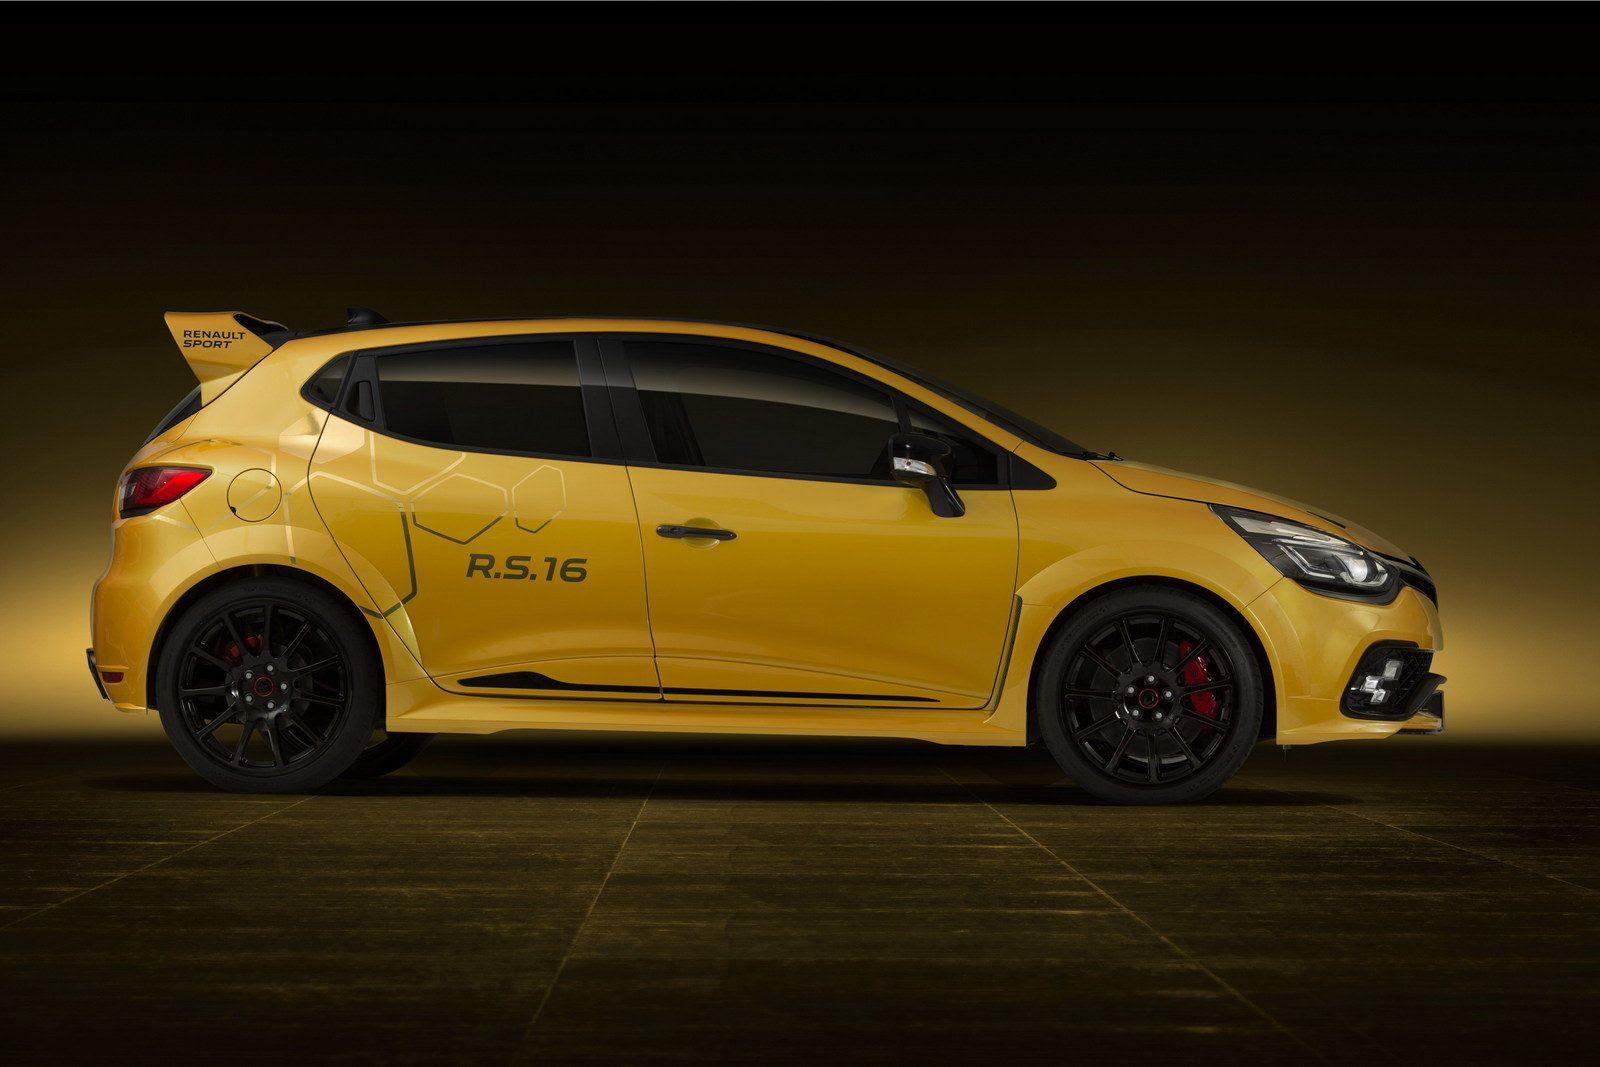 Hasil gambar untuk Renault Clio 200 Renaultsport 2017